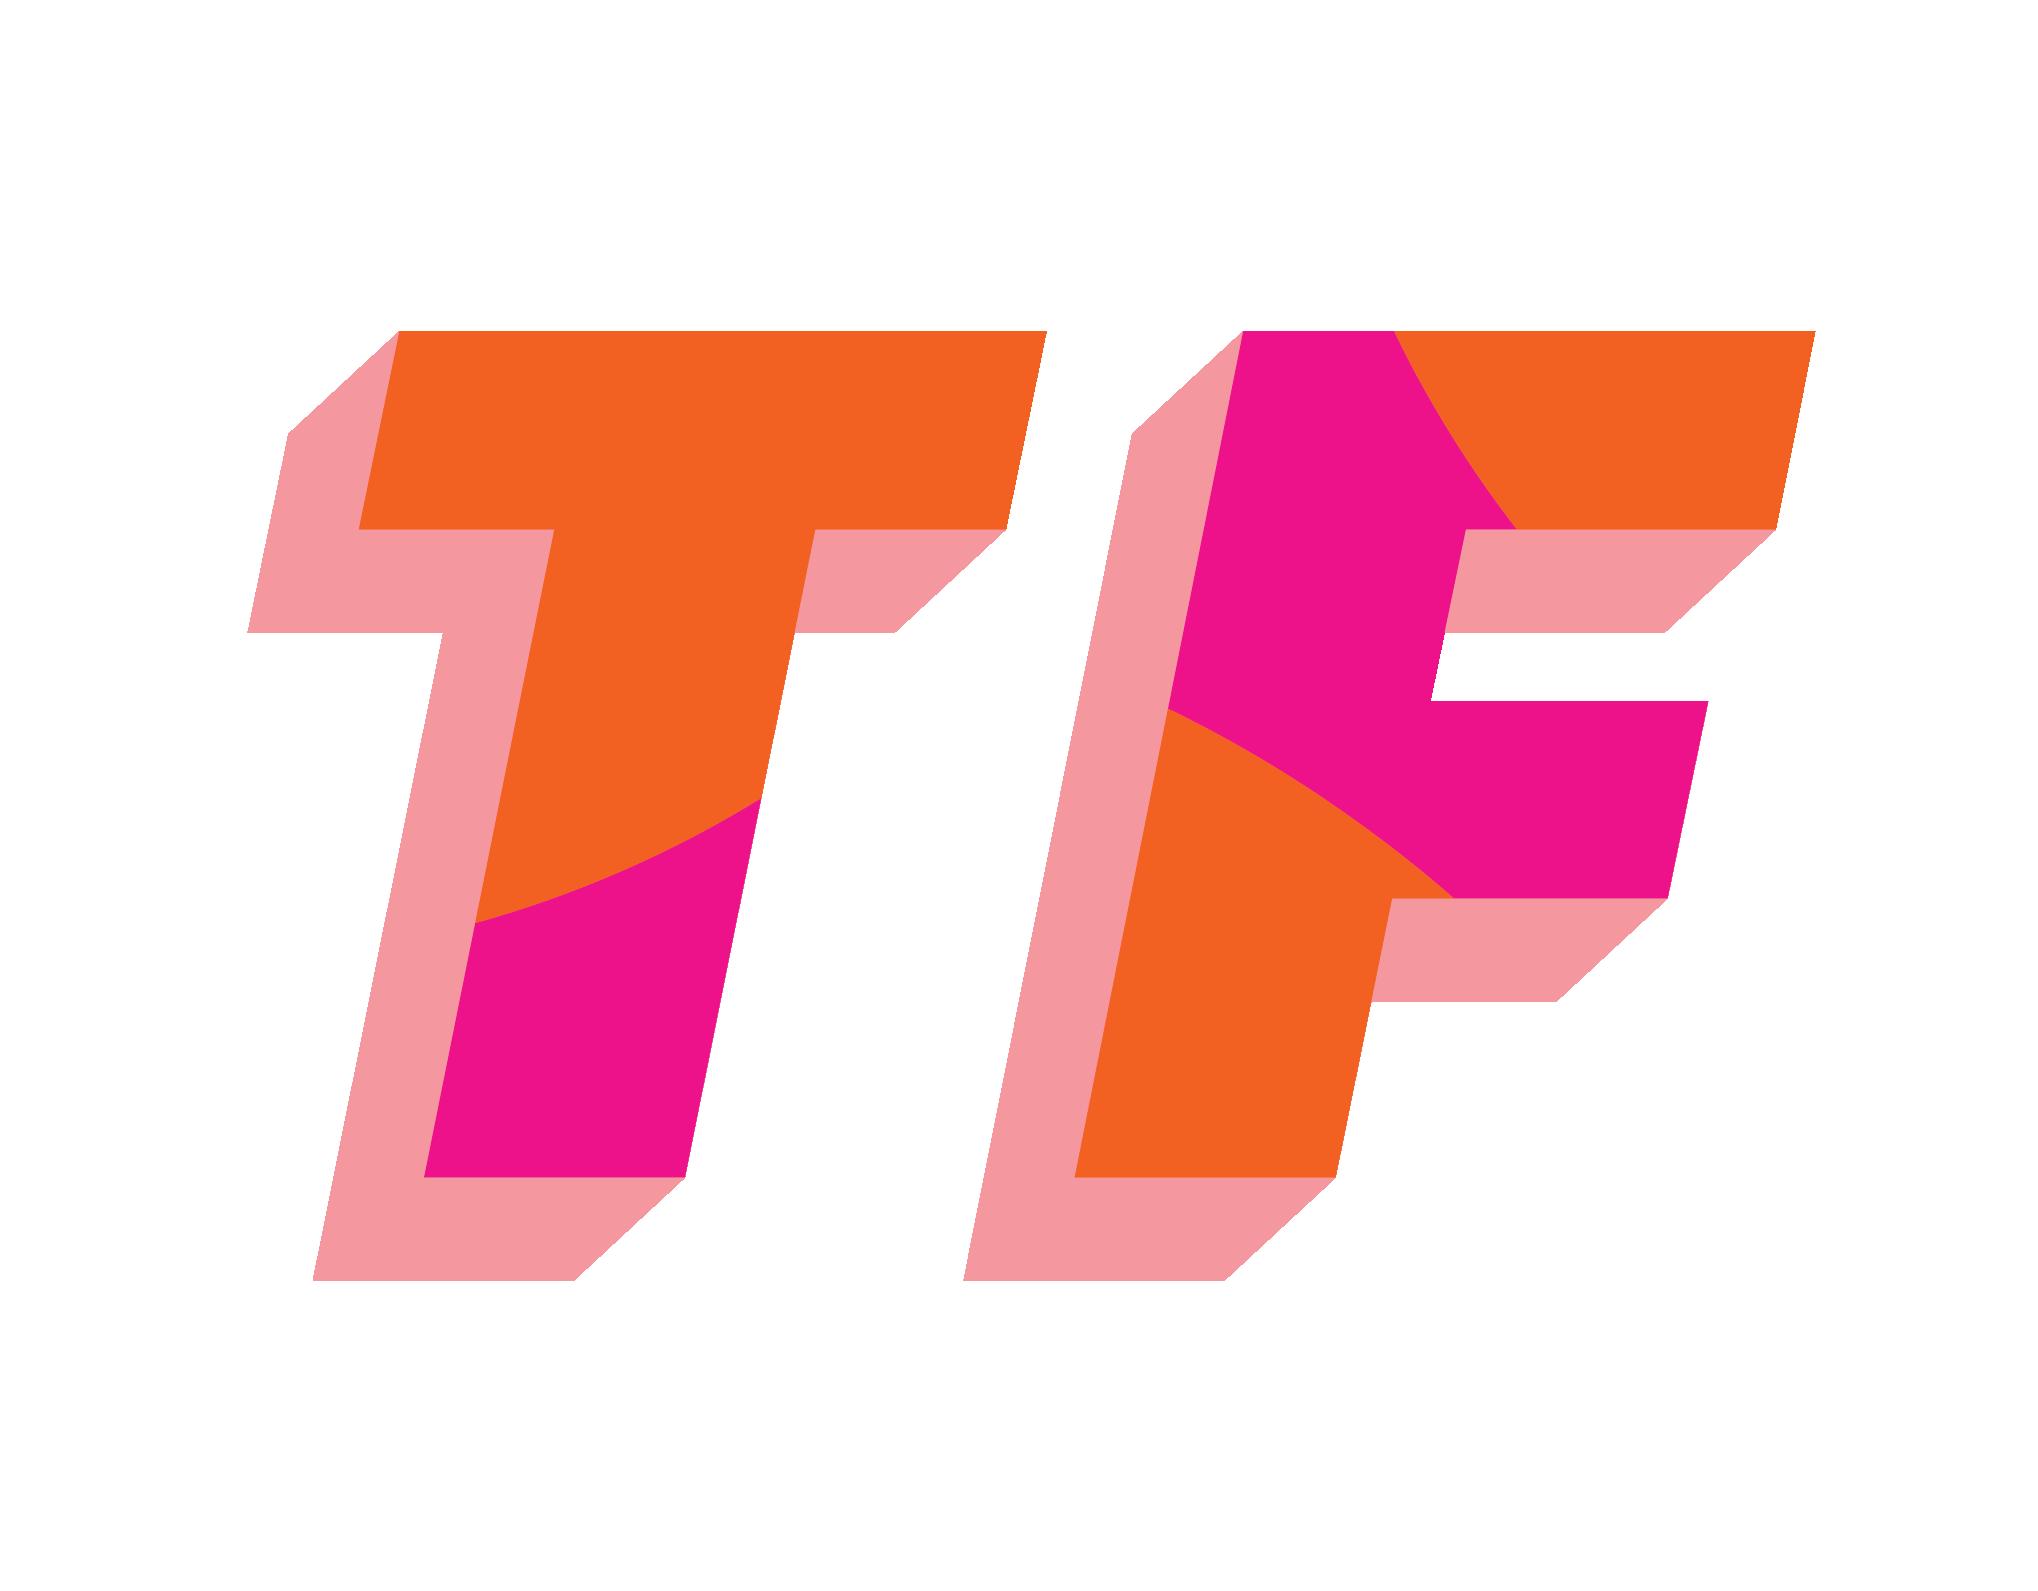 CAPS T & F